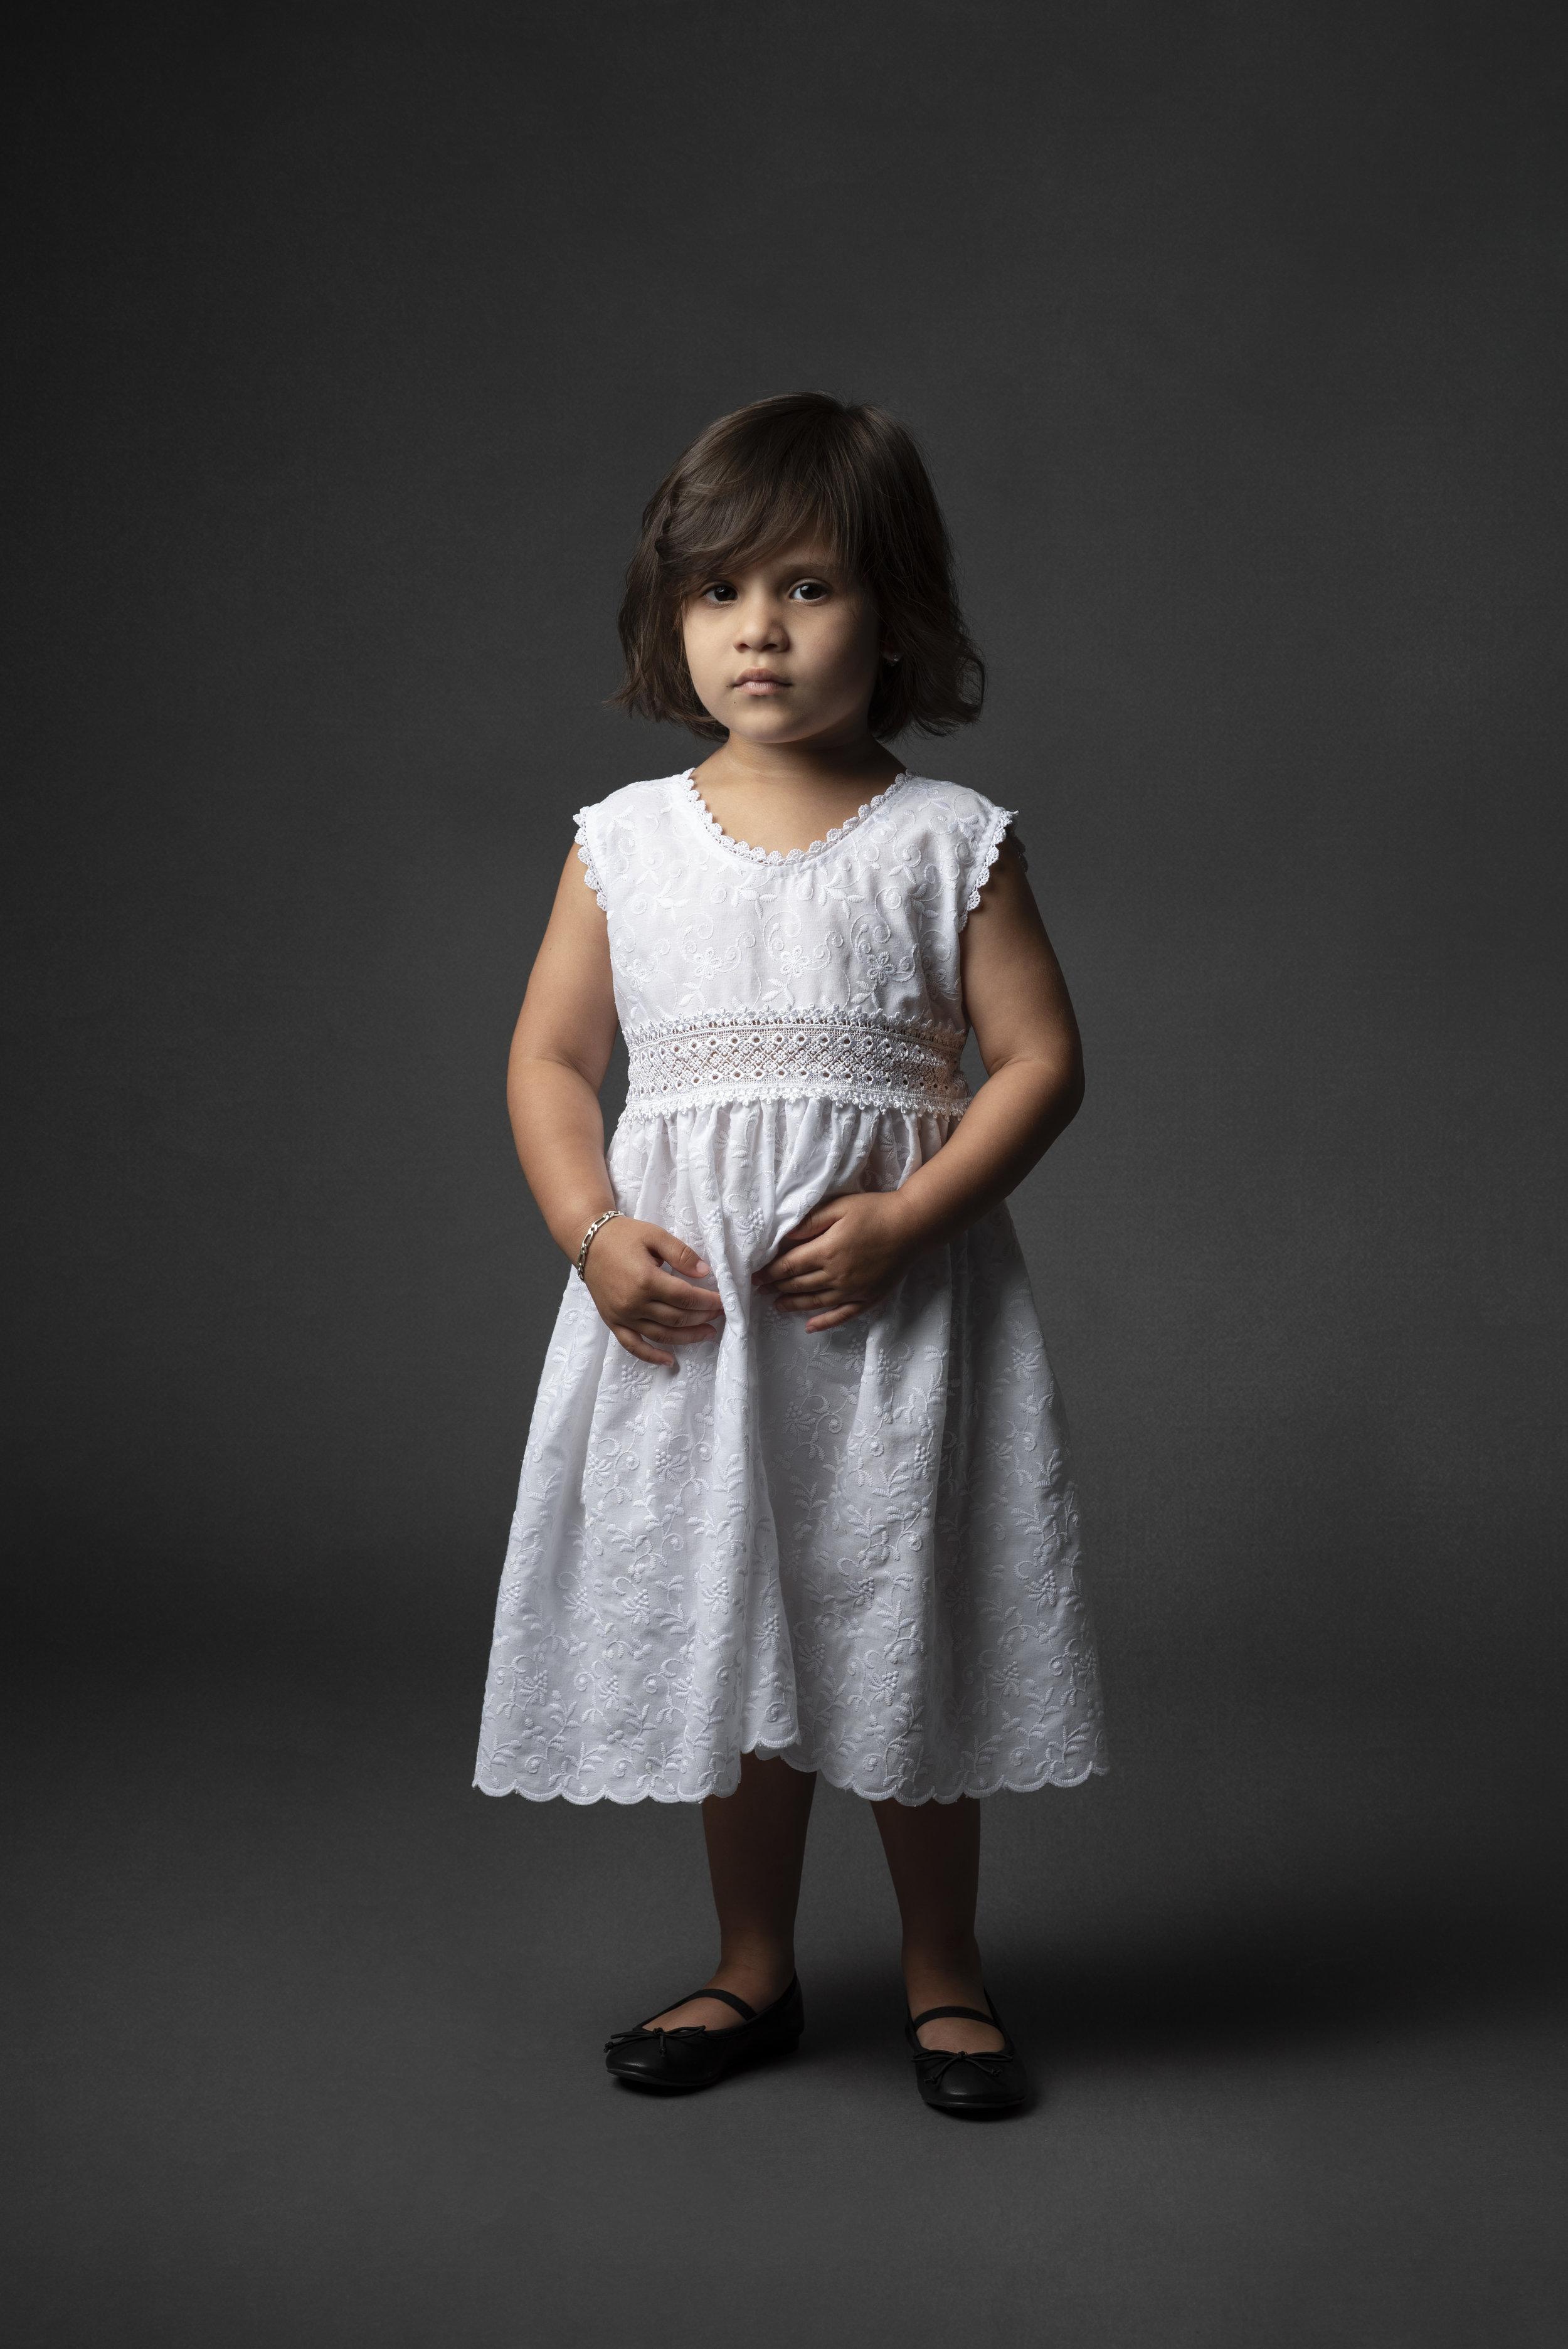 Studio portrait of little girl in white dress on gray background.